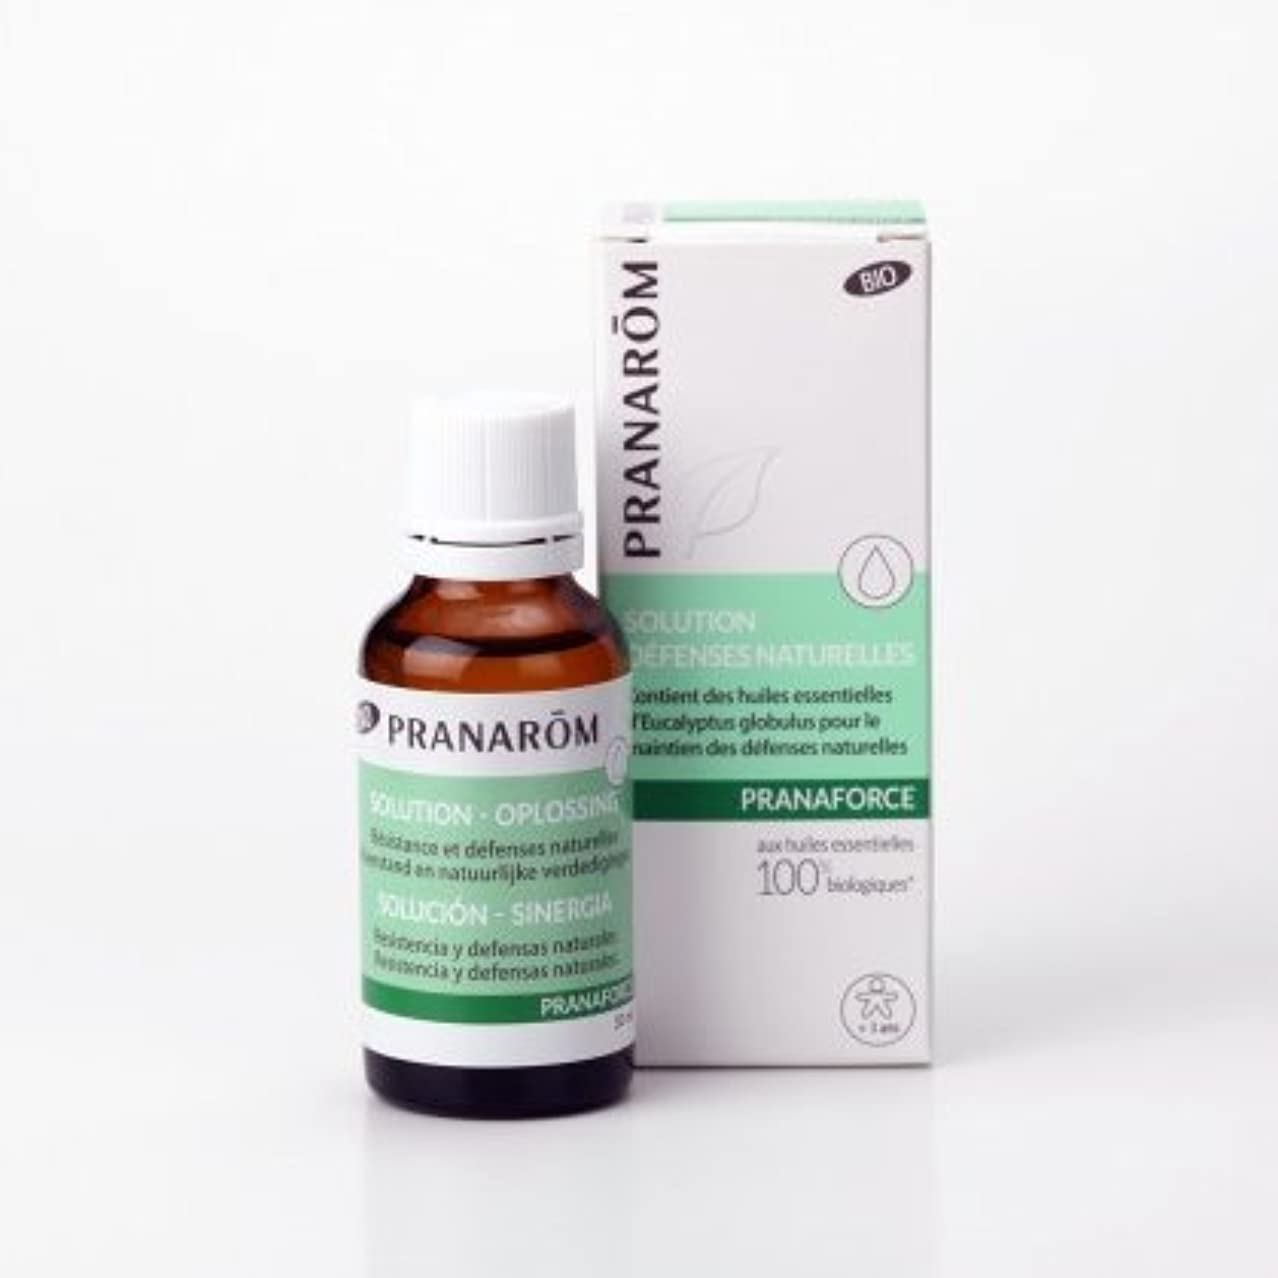 季節権限集めるメディカルアロマのプラナロムが作った実践的ブレンド精油 プラナフォースローション